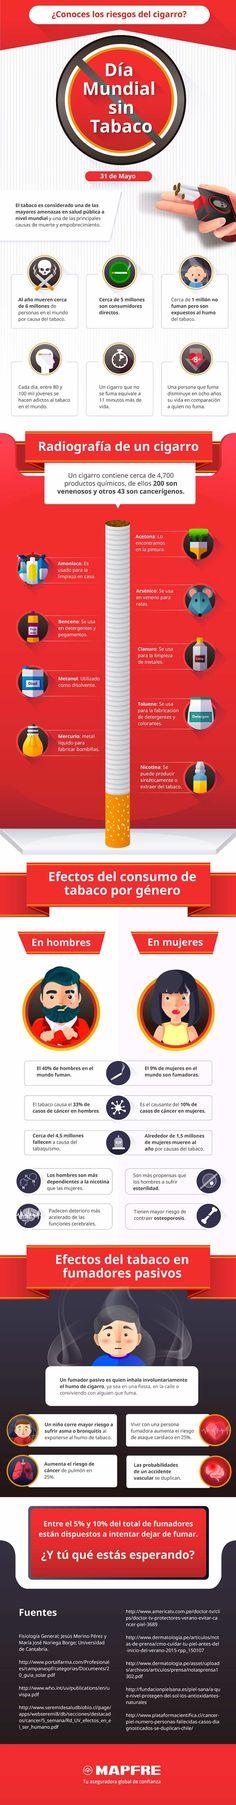 Los efectos nocivos del tabaco y como afecta a la salud mundial. 31 de mayo, día mundial sin tabaco. #infografias #salud #tabaco #tabaquismo